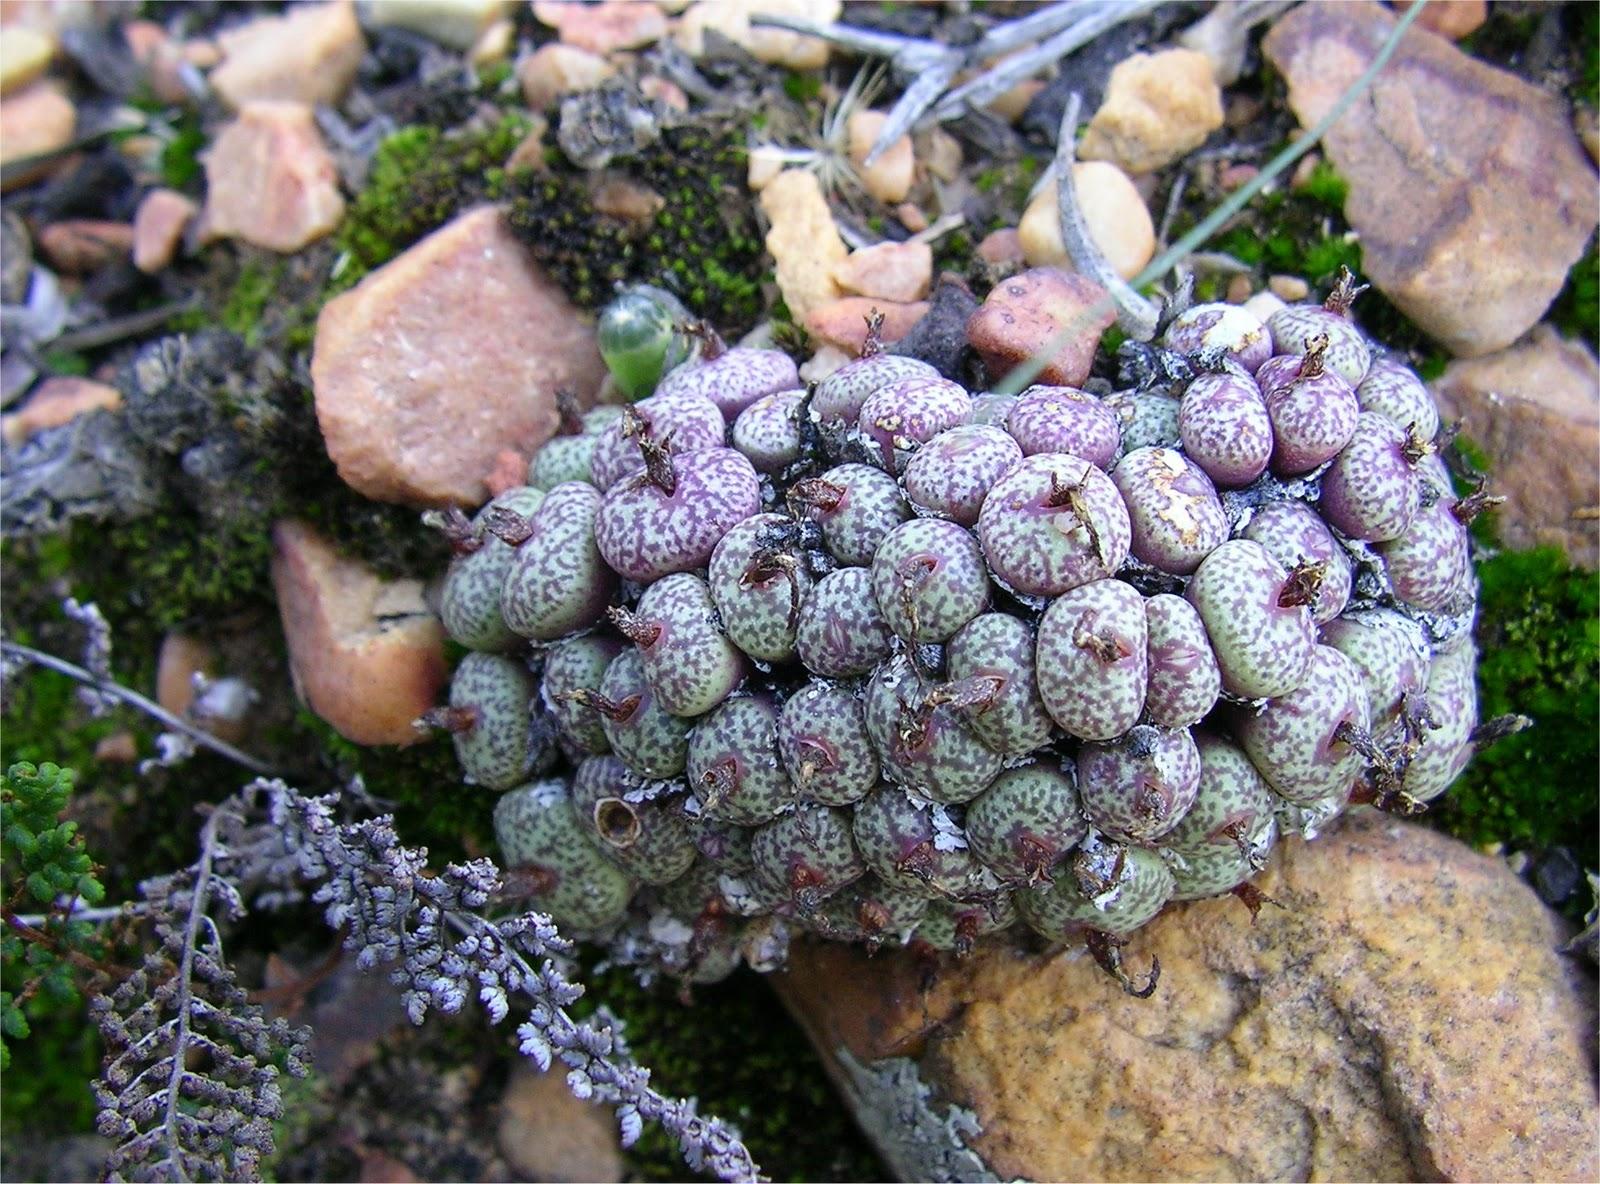 Conophytum truncatum ssp. truncatum var. wiggettiae